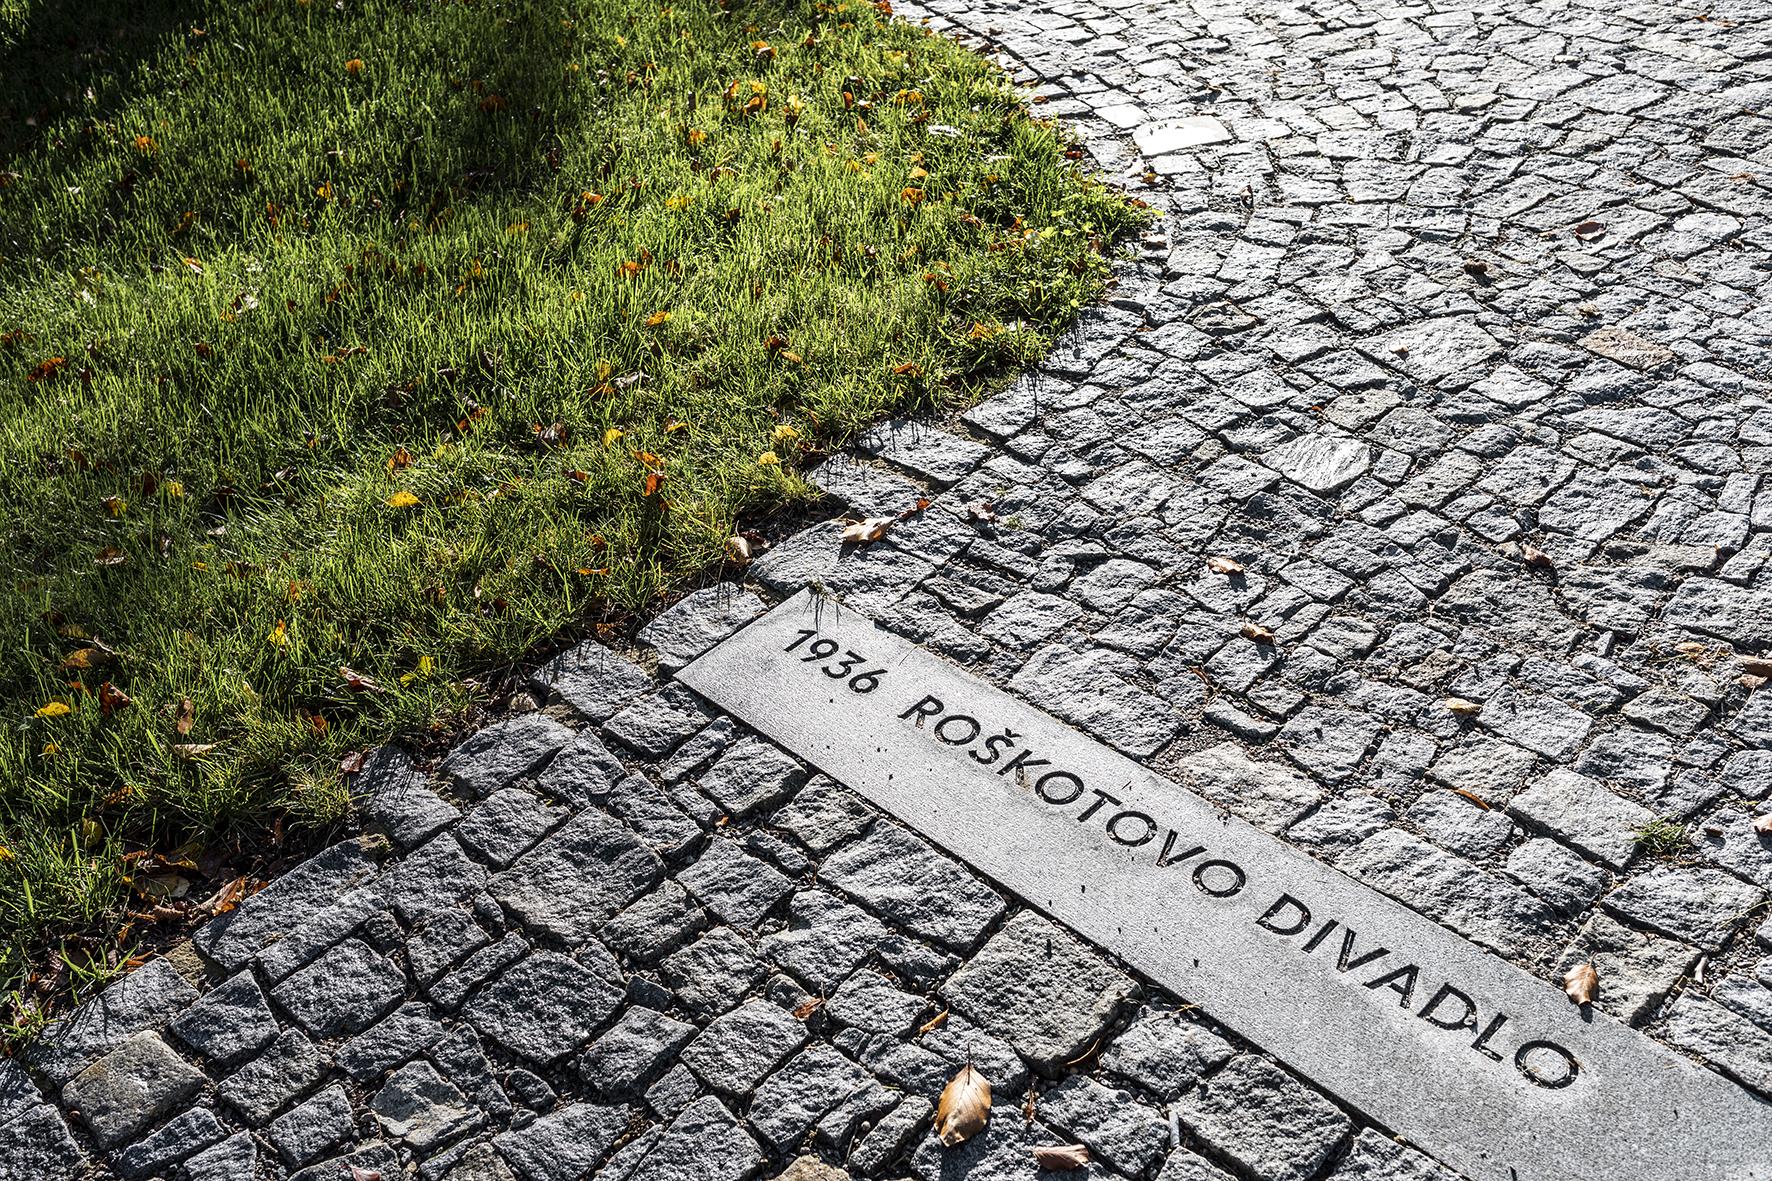 Park ukostela Nanebevzetí Panny Marie vÚstí nad Orlicí. Vchodníku jsou kamenné prahy se záznamy významných událostí zhistorie města.